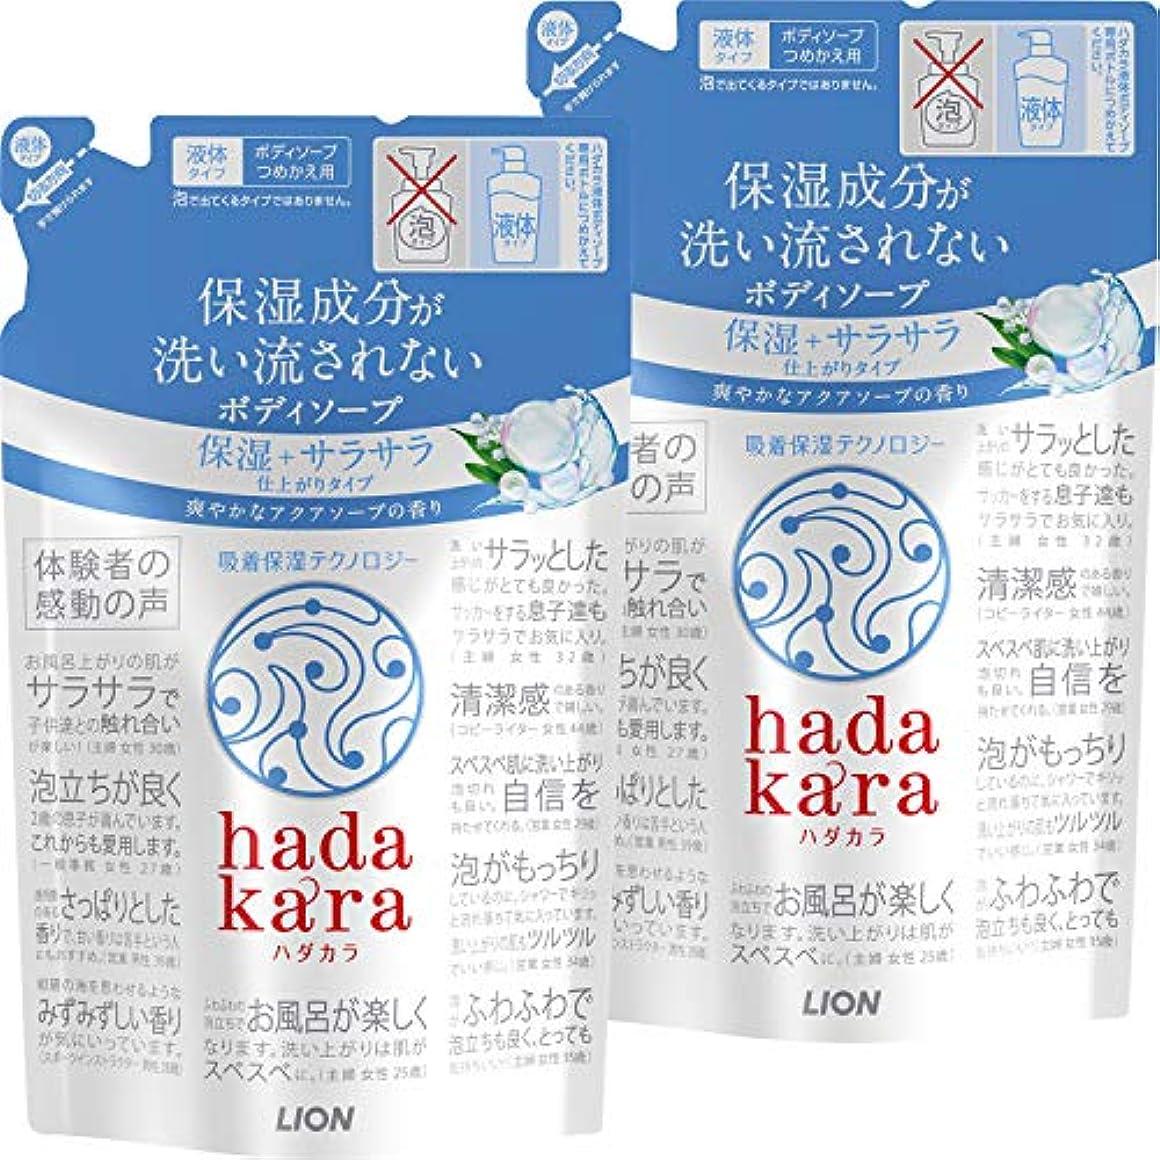 独立した池曖昧な【まとめ買い】hadakara(ハダカラ) ボディソープ 保湿+サラサラ仕上がりタイプ アクアソープの香り 詰め替え 340ml×2個パック